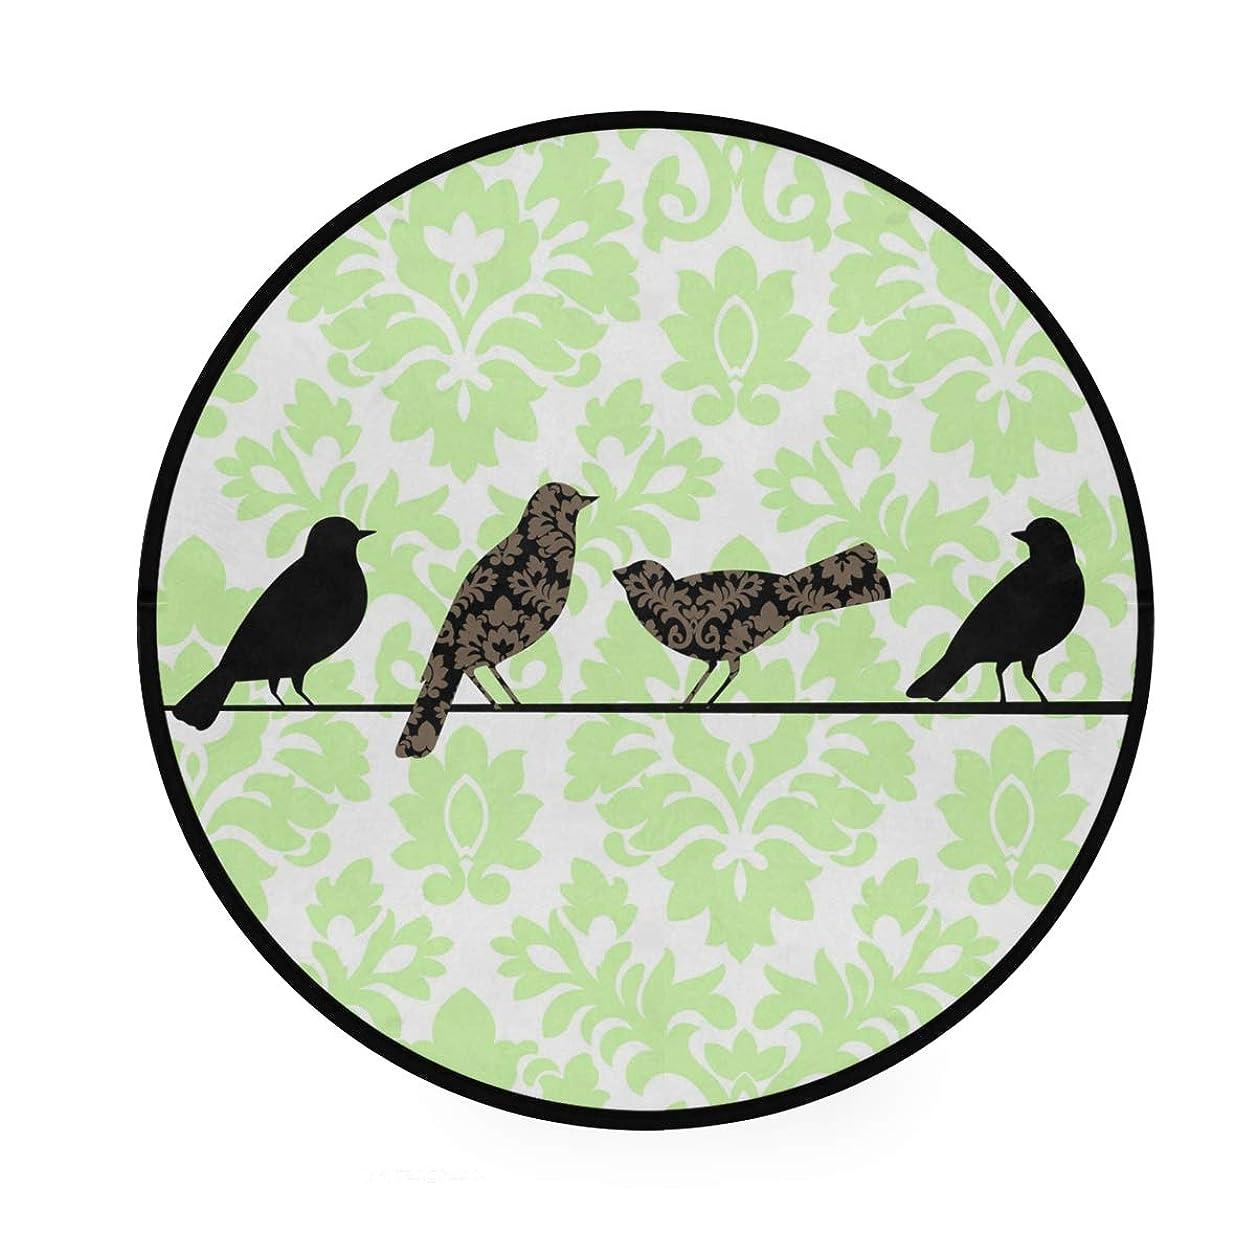 旋律的したい問い合わせるラウンドマット 鳥柄 緑 円形マット 滑り止めのカーペットの丸い部屋 高級 丸いラグ 円形 リビング 子ども部屋 柔らかい エコ 防音 防カビ抗菌 オールシーズン使用 直径92cm